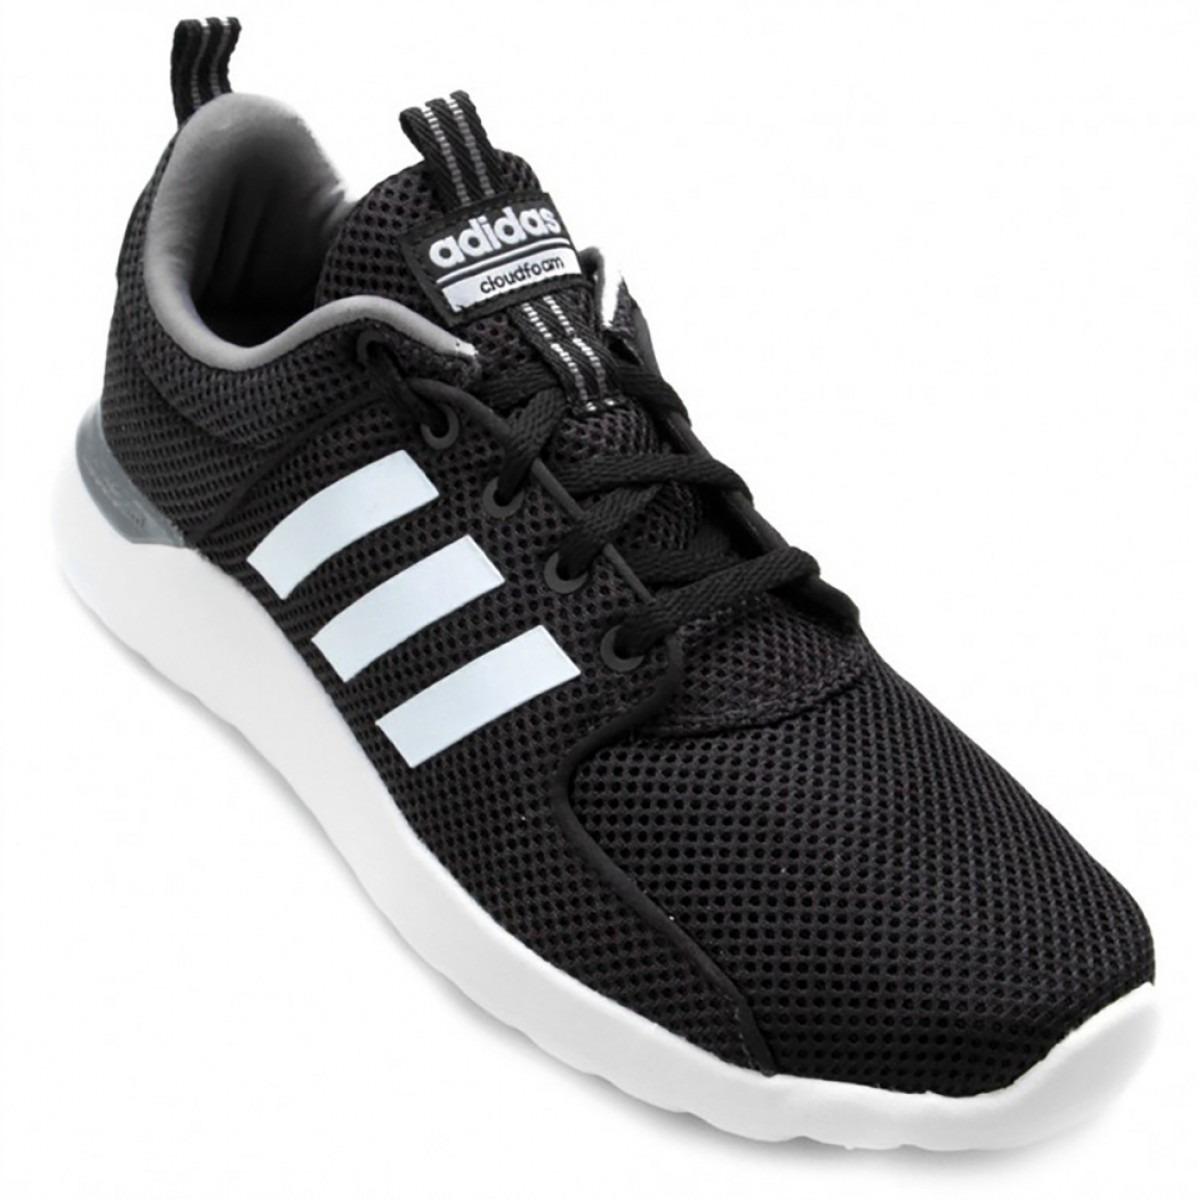 37f7941c2 tênis adidas cloudfoam lite racer preto masculino original. Carregando zoom.